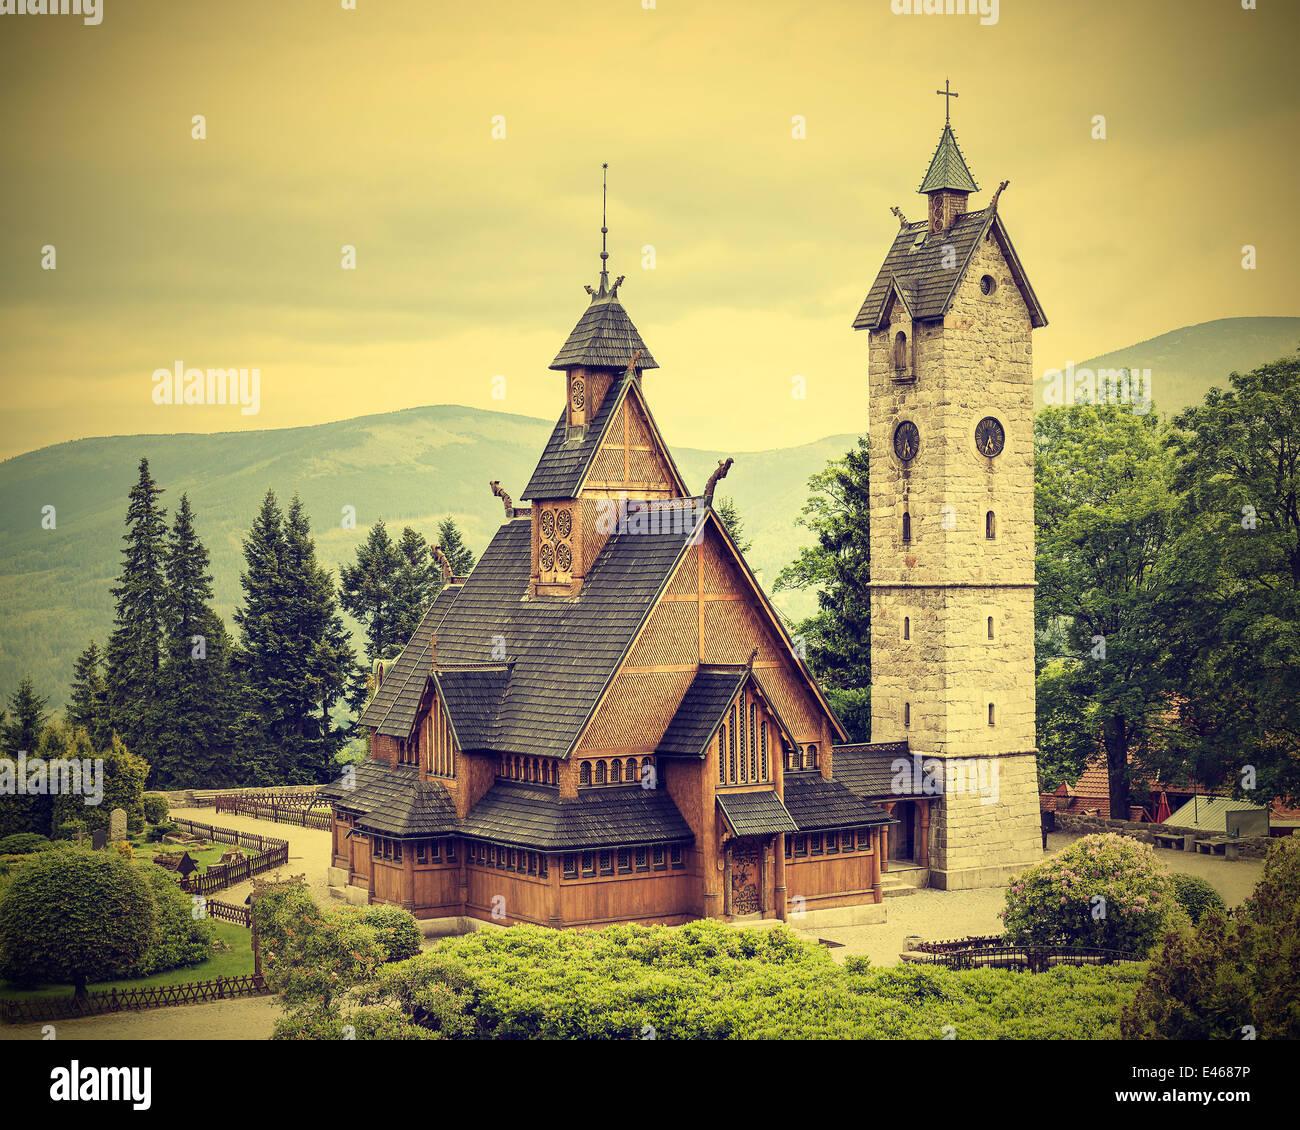 Vieja, de madera, el templo Wang en Karpacz, Polonia, estilo vintage. Imagen De Stock